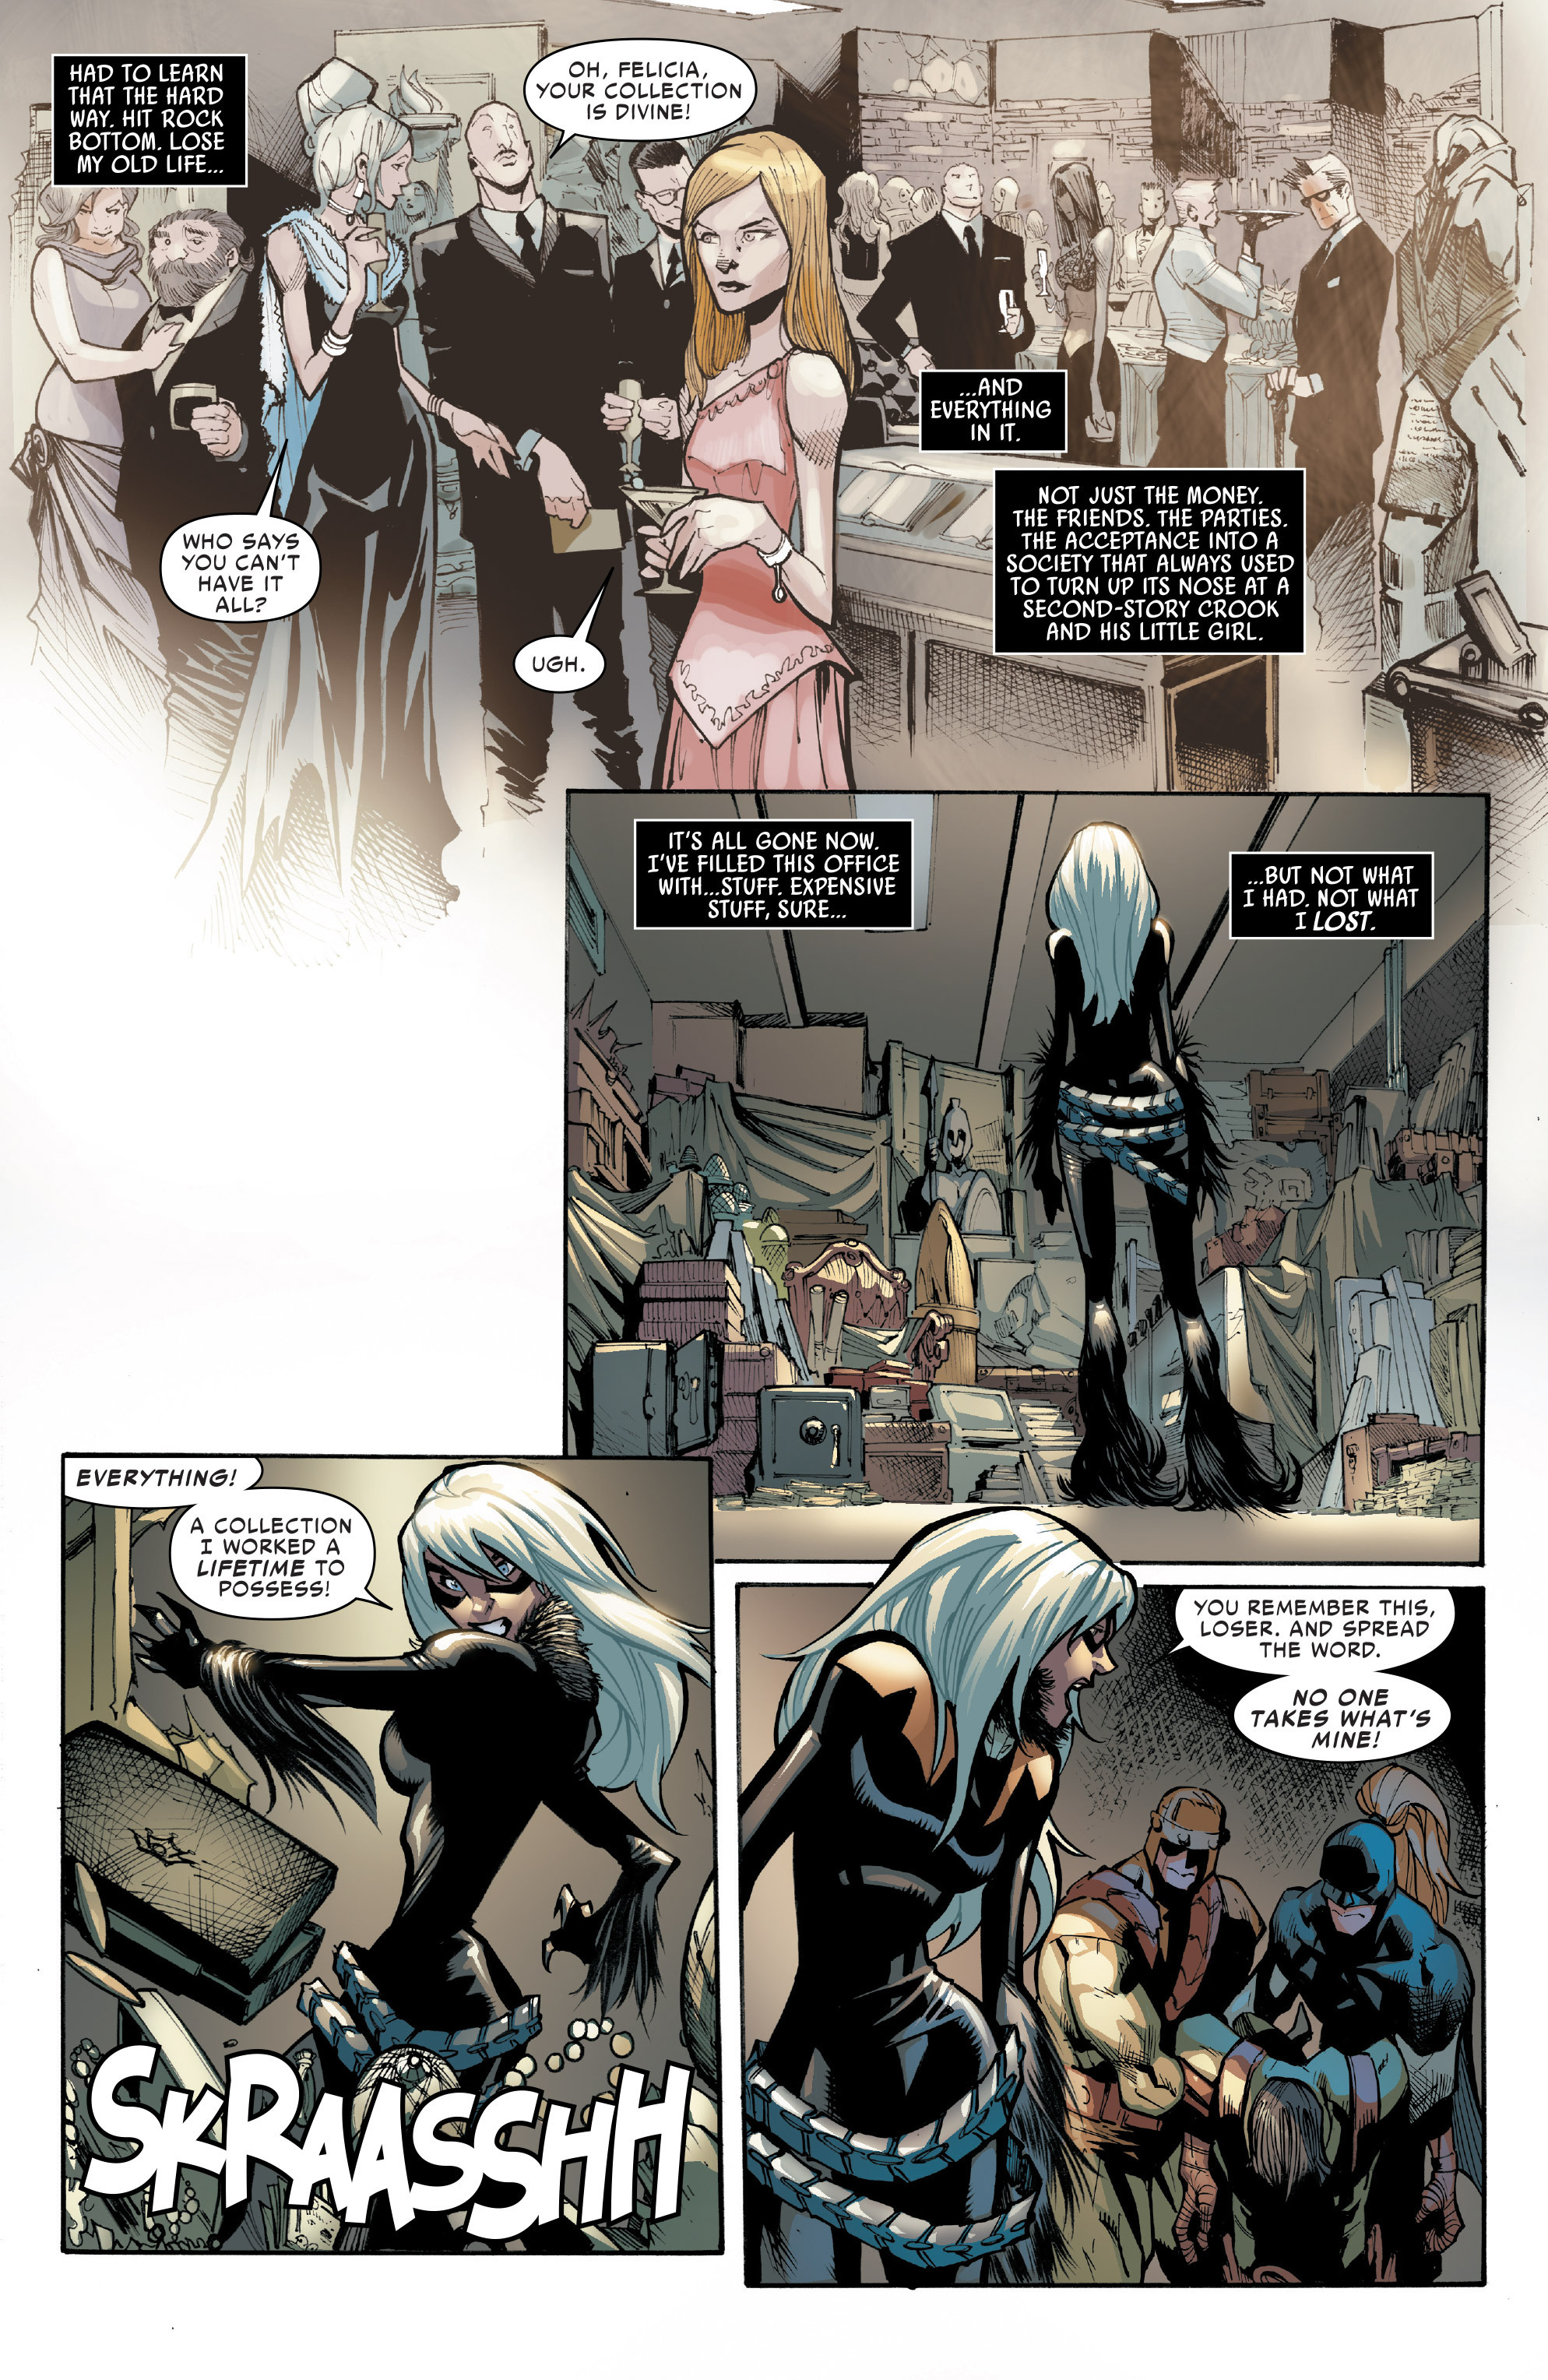 AmazingSpider-Man(2014)#16--p19